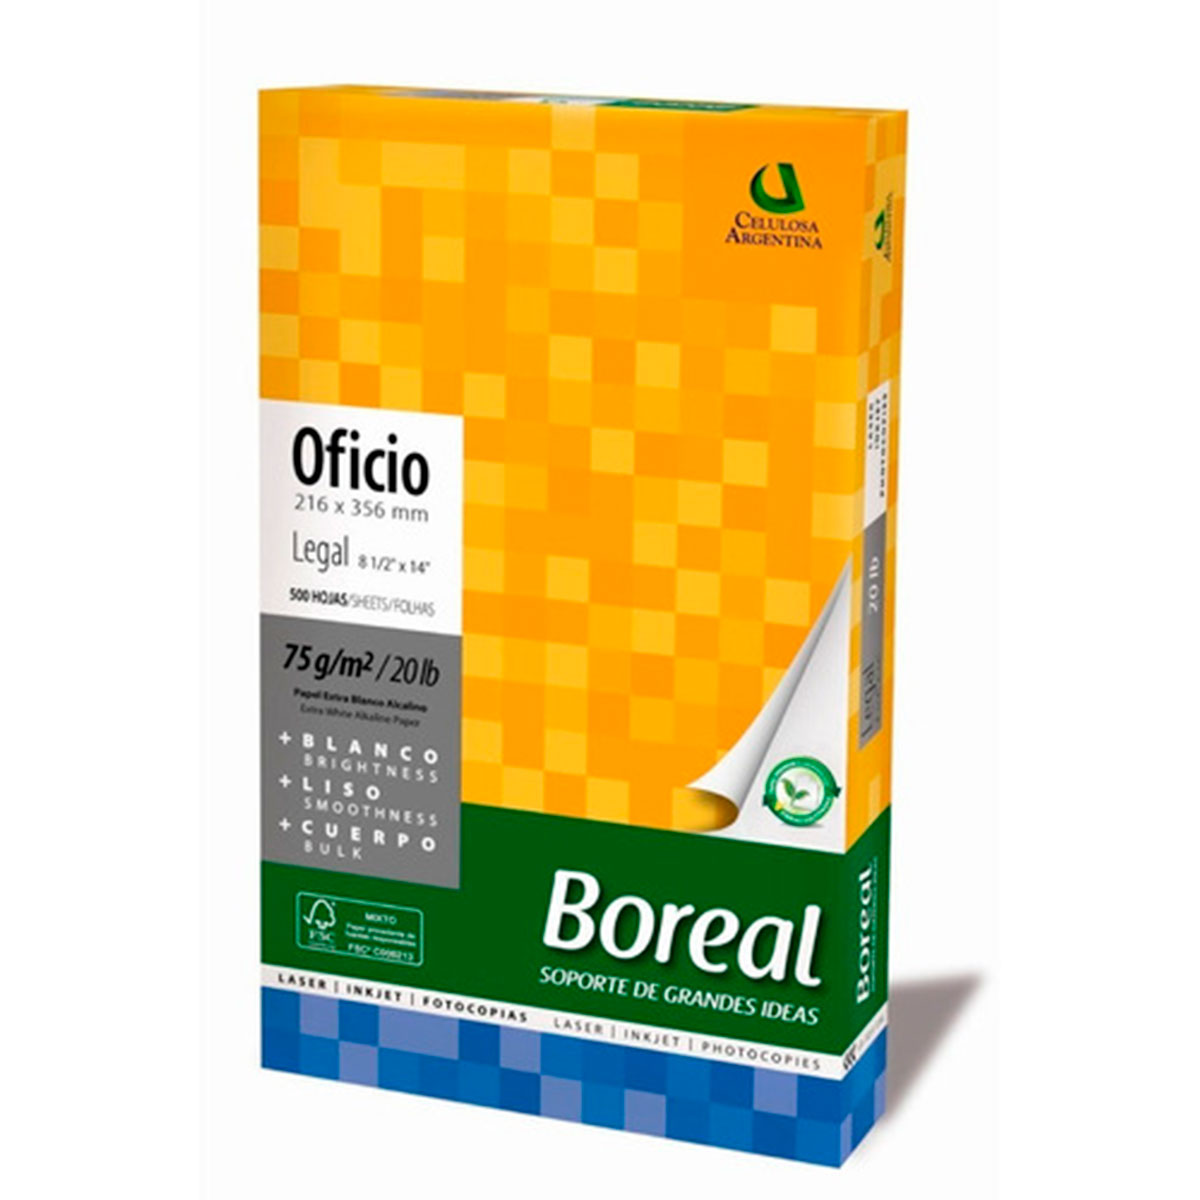 BORE080403